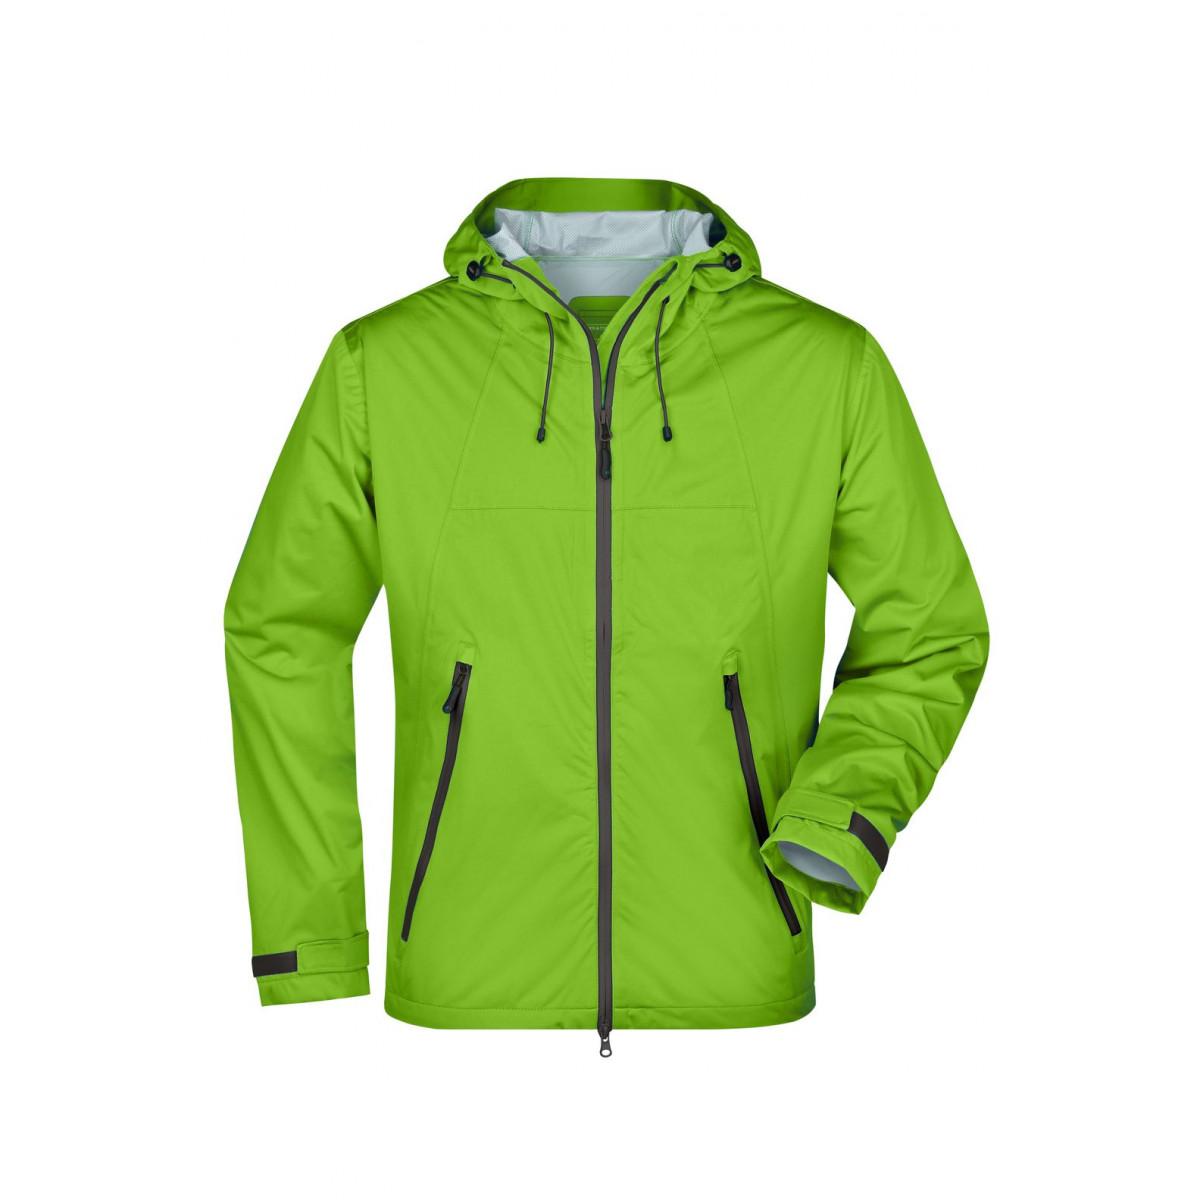 Куртка мужская JN1098 Mens Outdoor Jacket - Насыщенный зеленый/Стальной